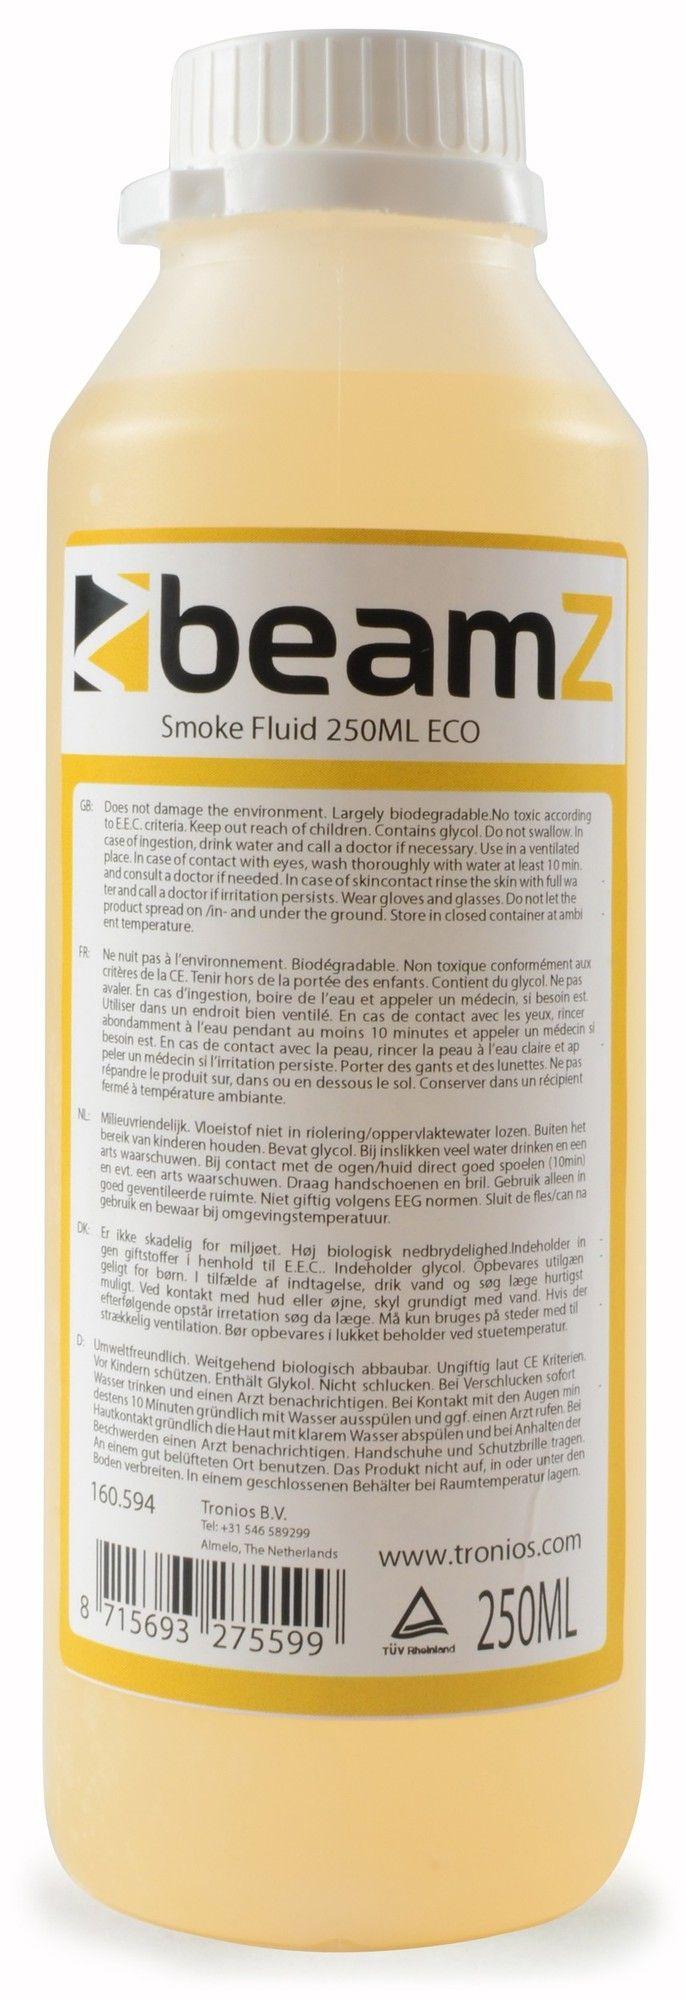 Rookvloeistof 250ml ECO - Oranje